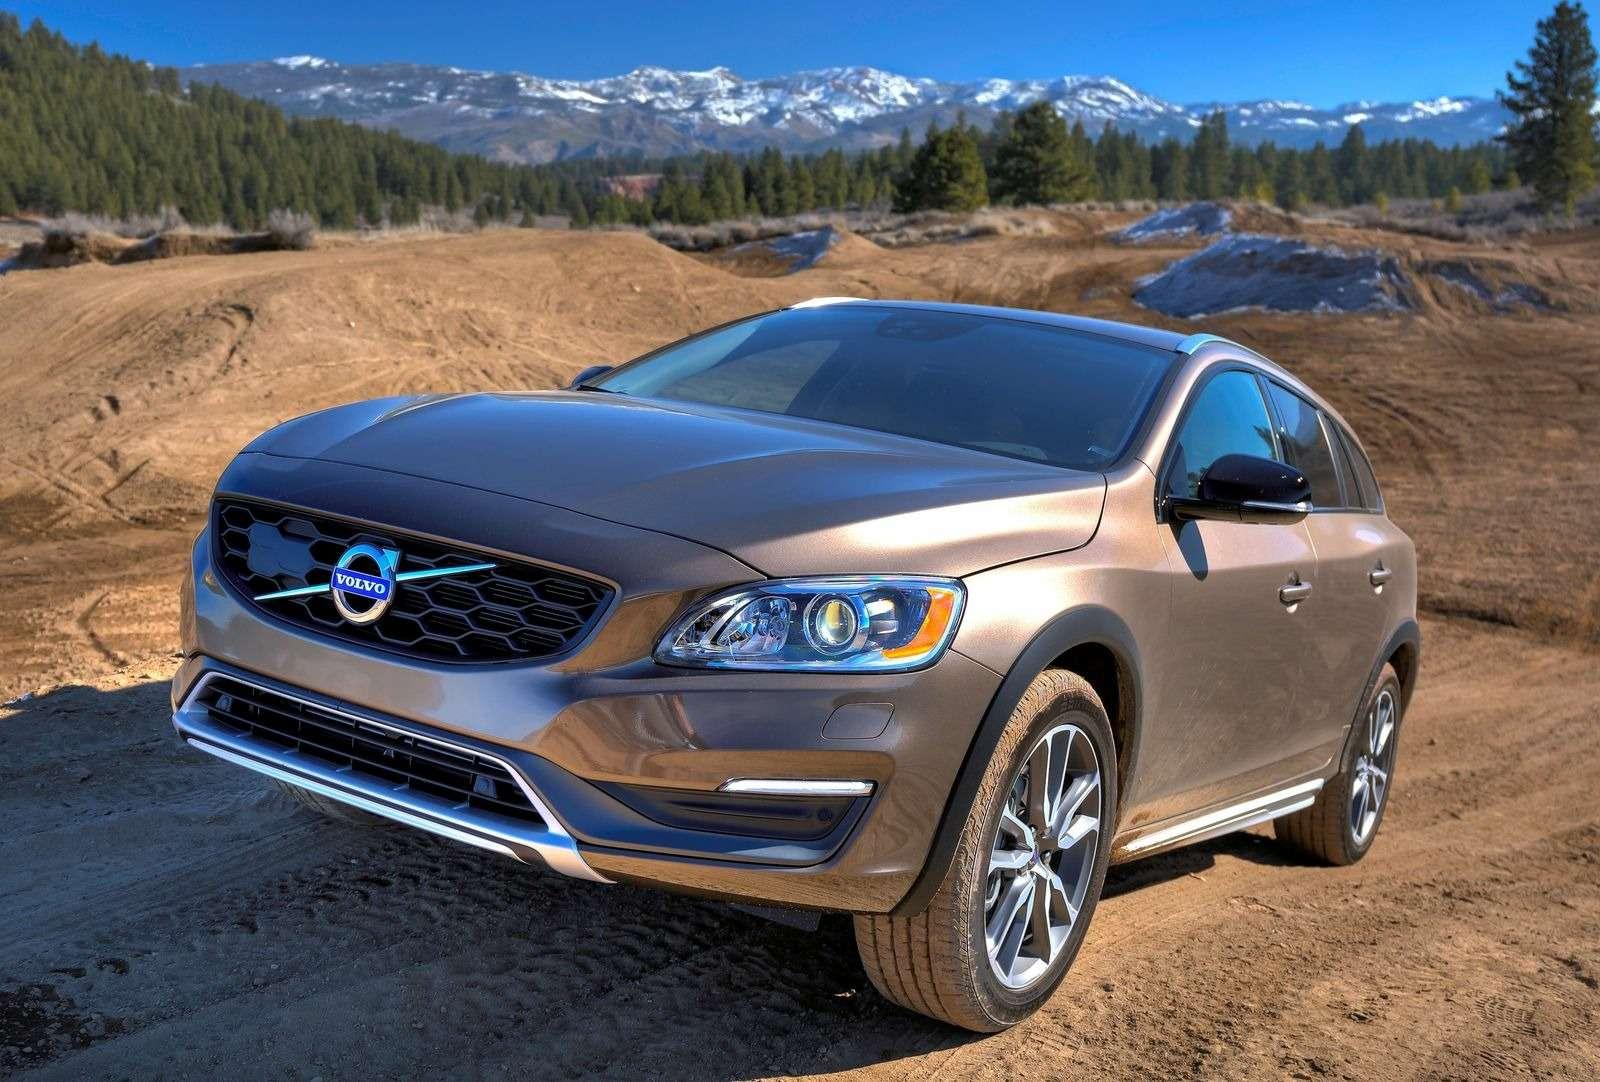 Volvo расширила модельный ряд вРоссии засчет «внедорожных» S60и V60— фото 374324